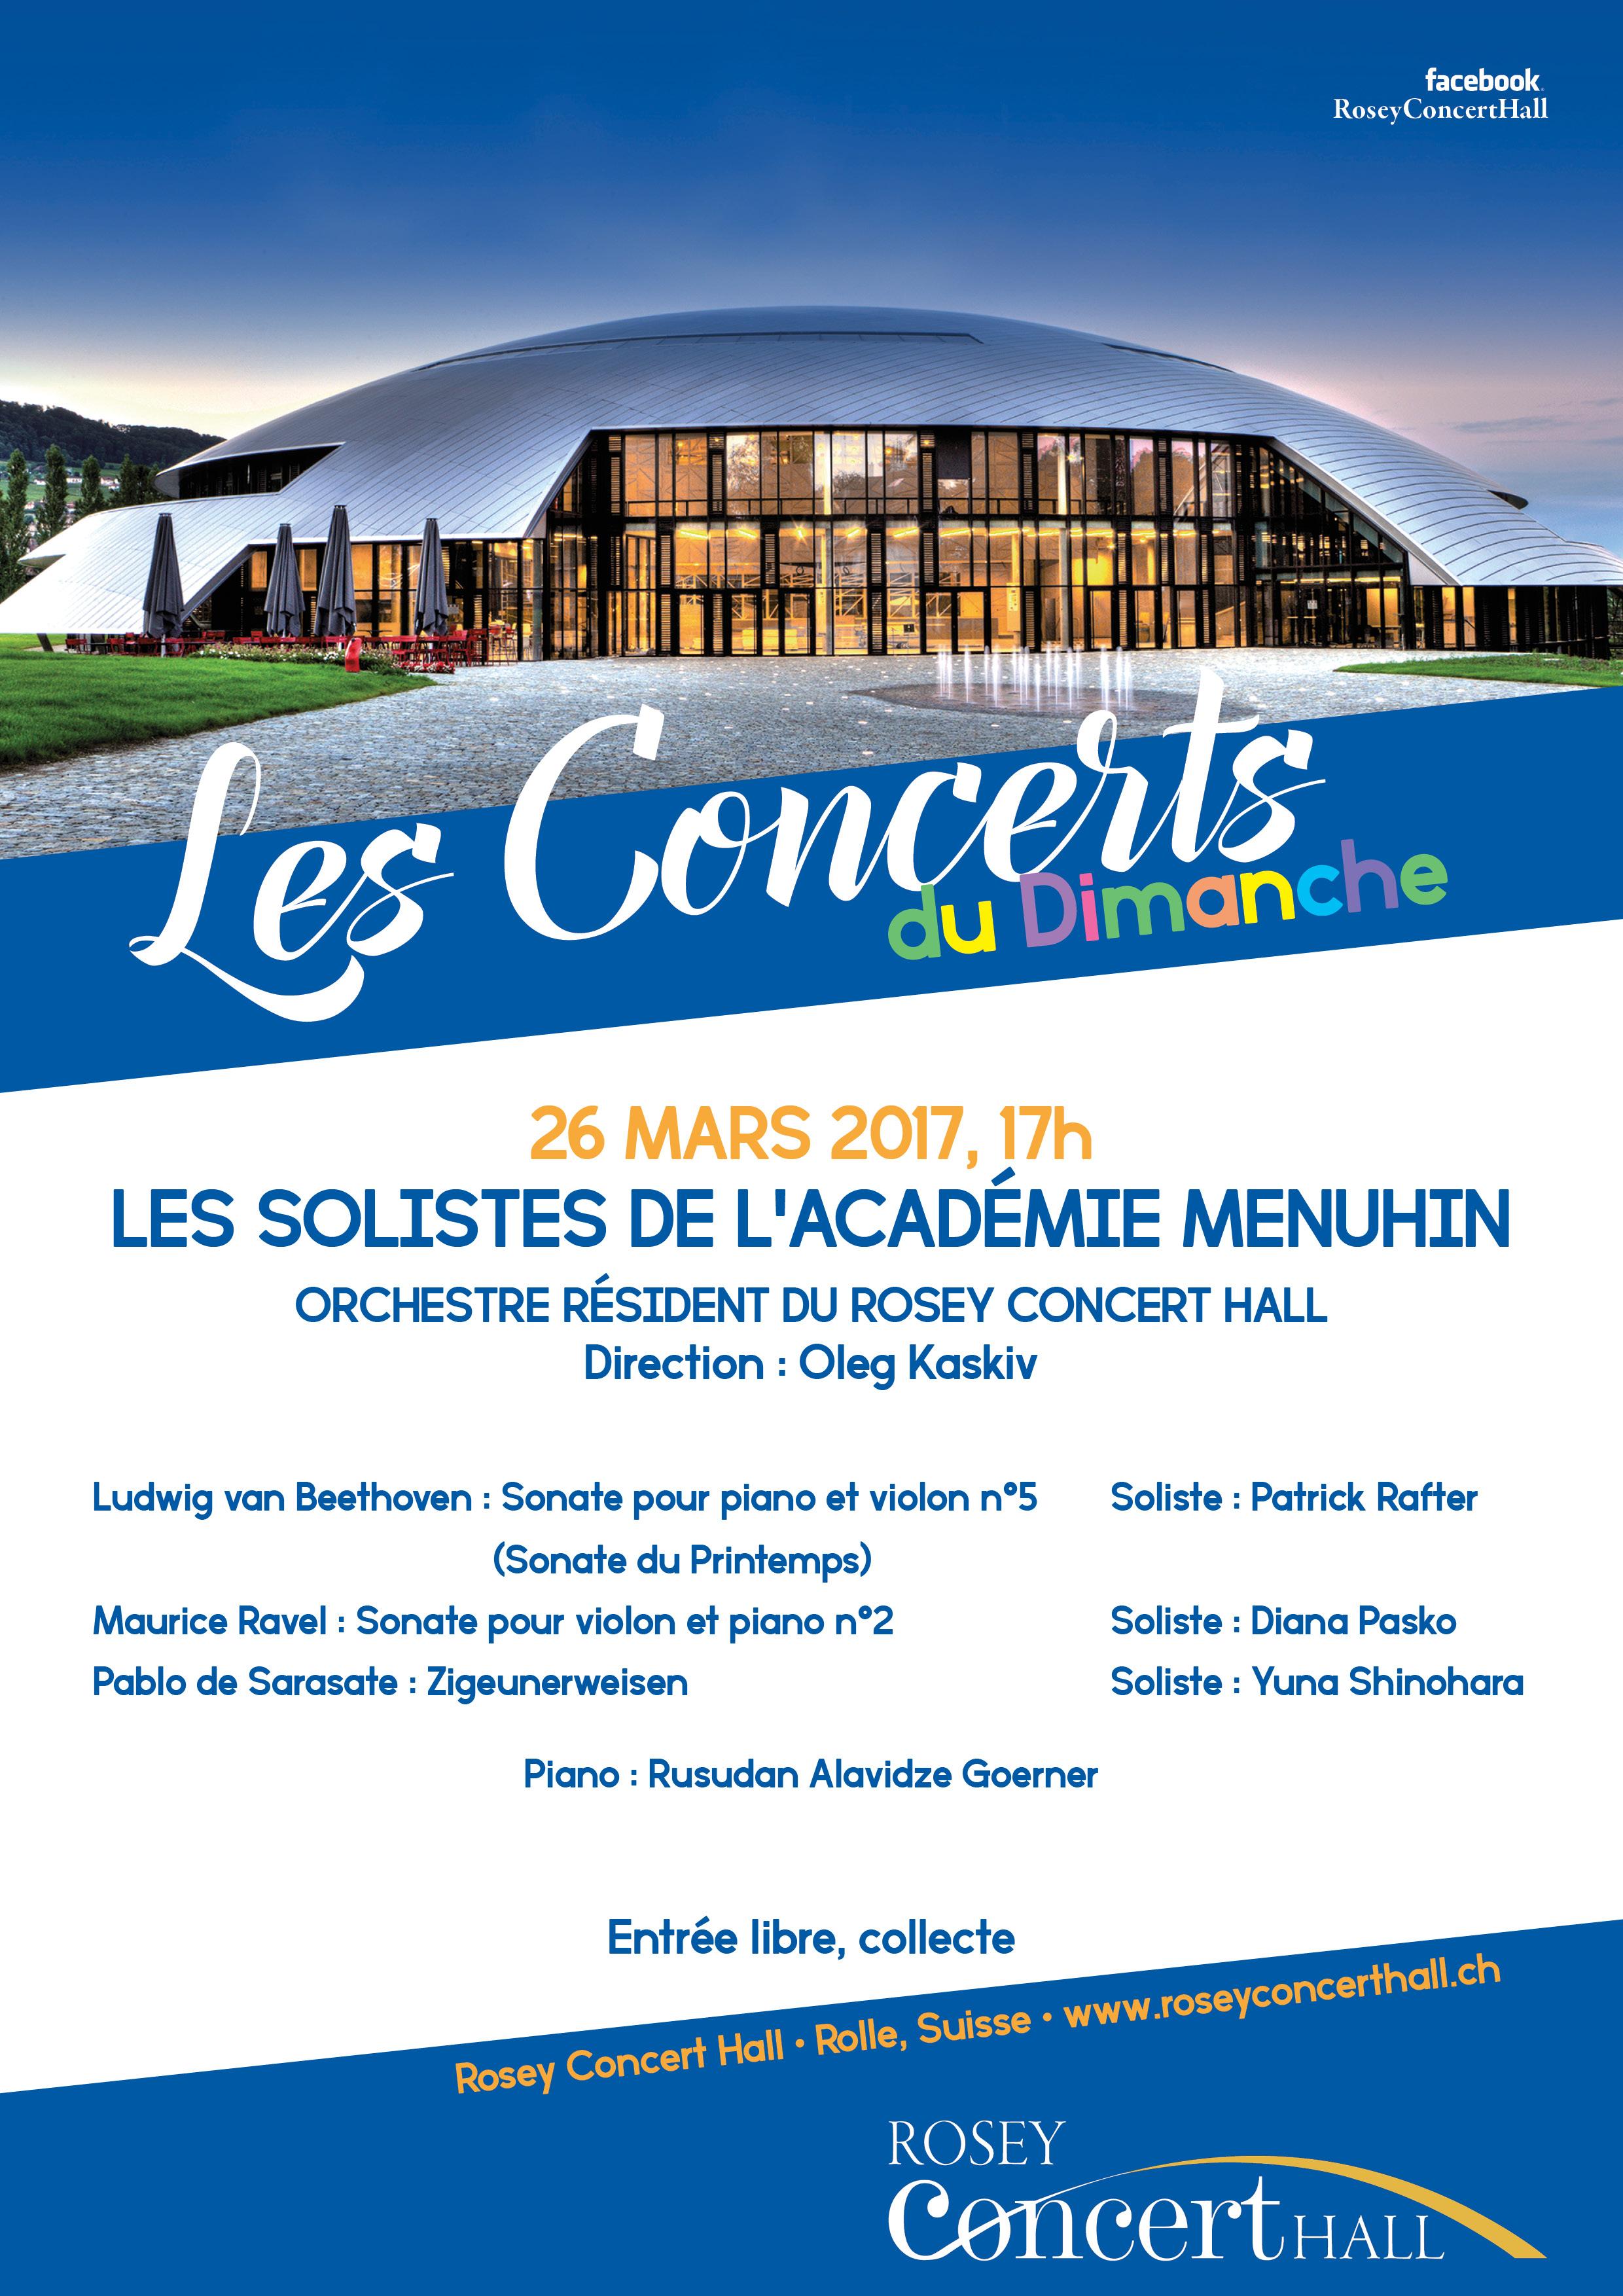 Concert du Dimanche 26 mars